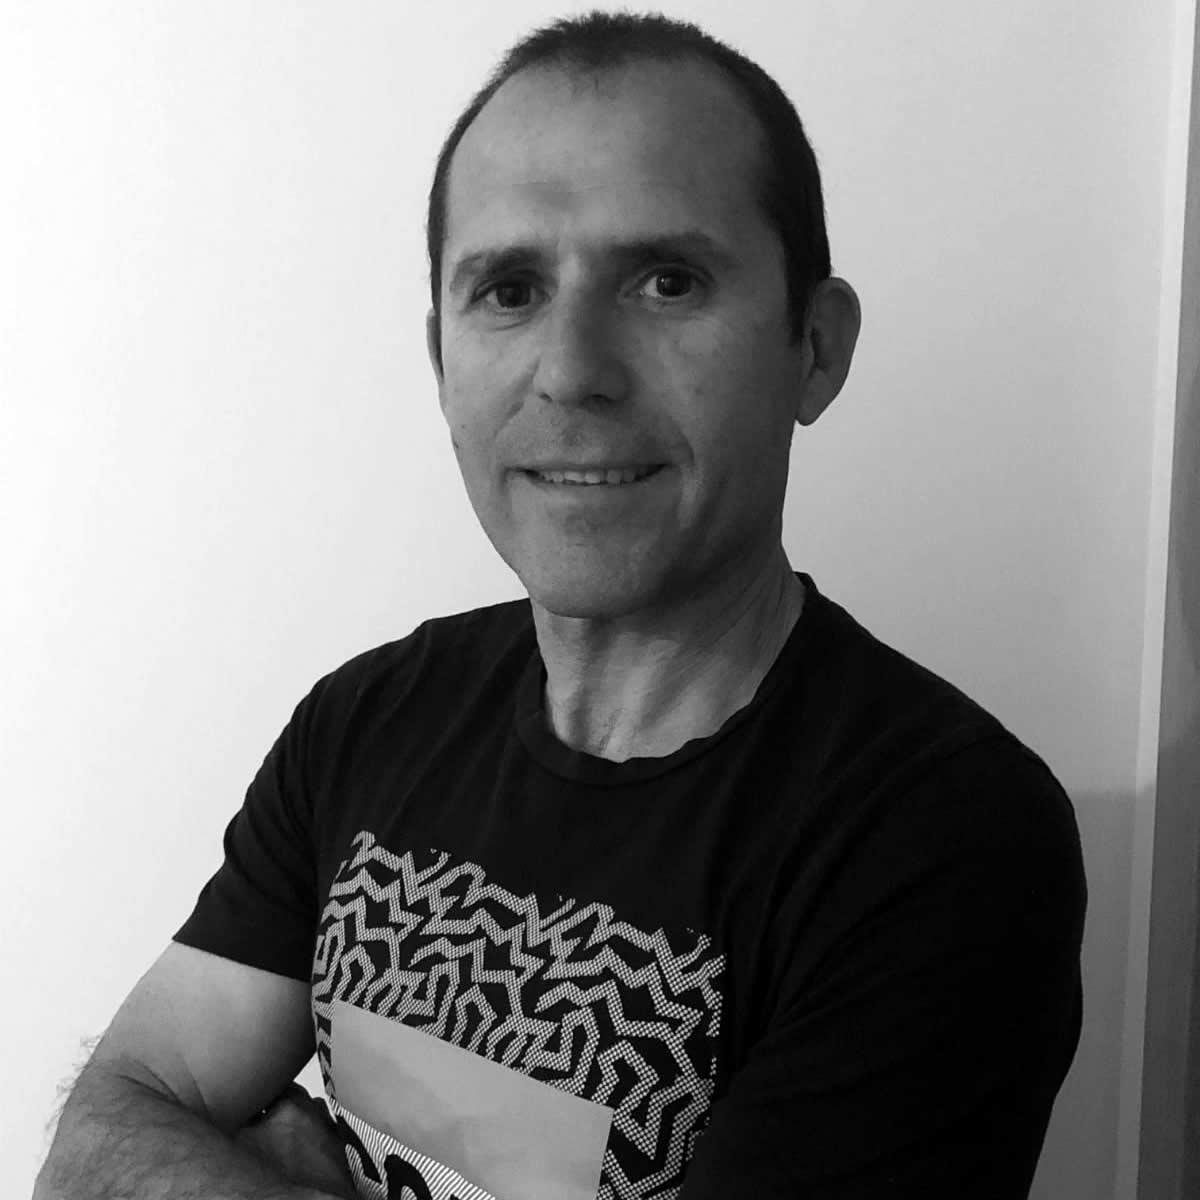 Fernando Rodríguez Atienza